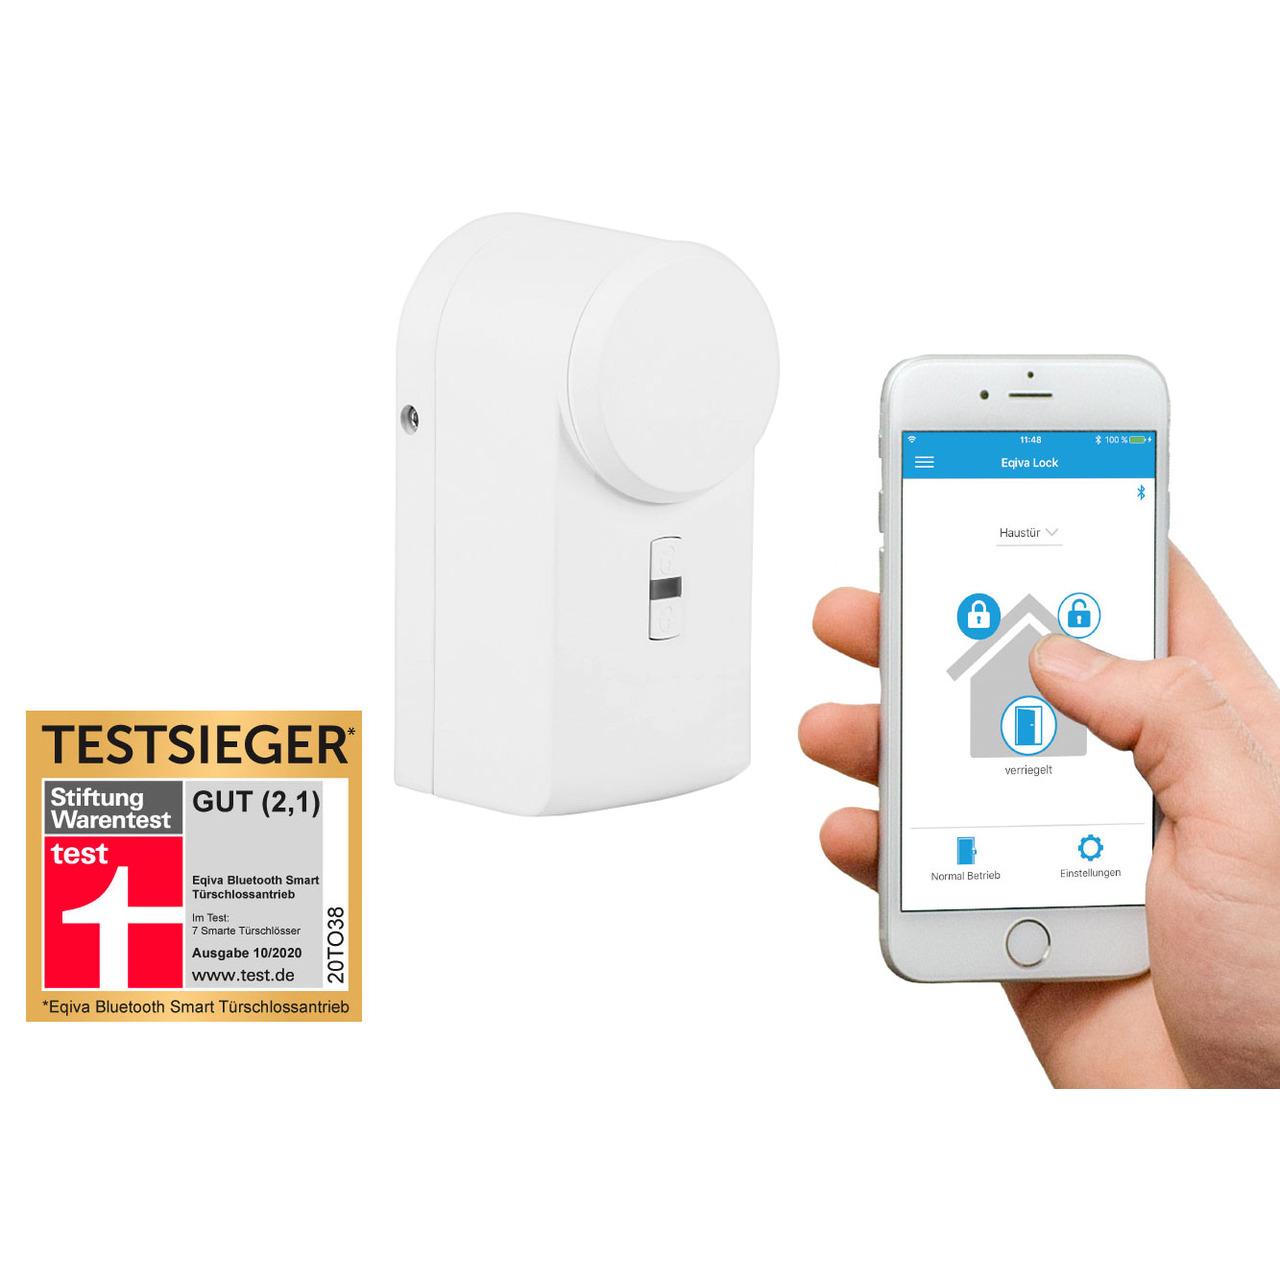 Eqiva BLUETOOTH(R) Smart T黵schlossantrieb mit App-Steuerung